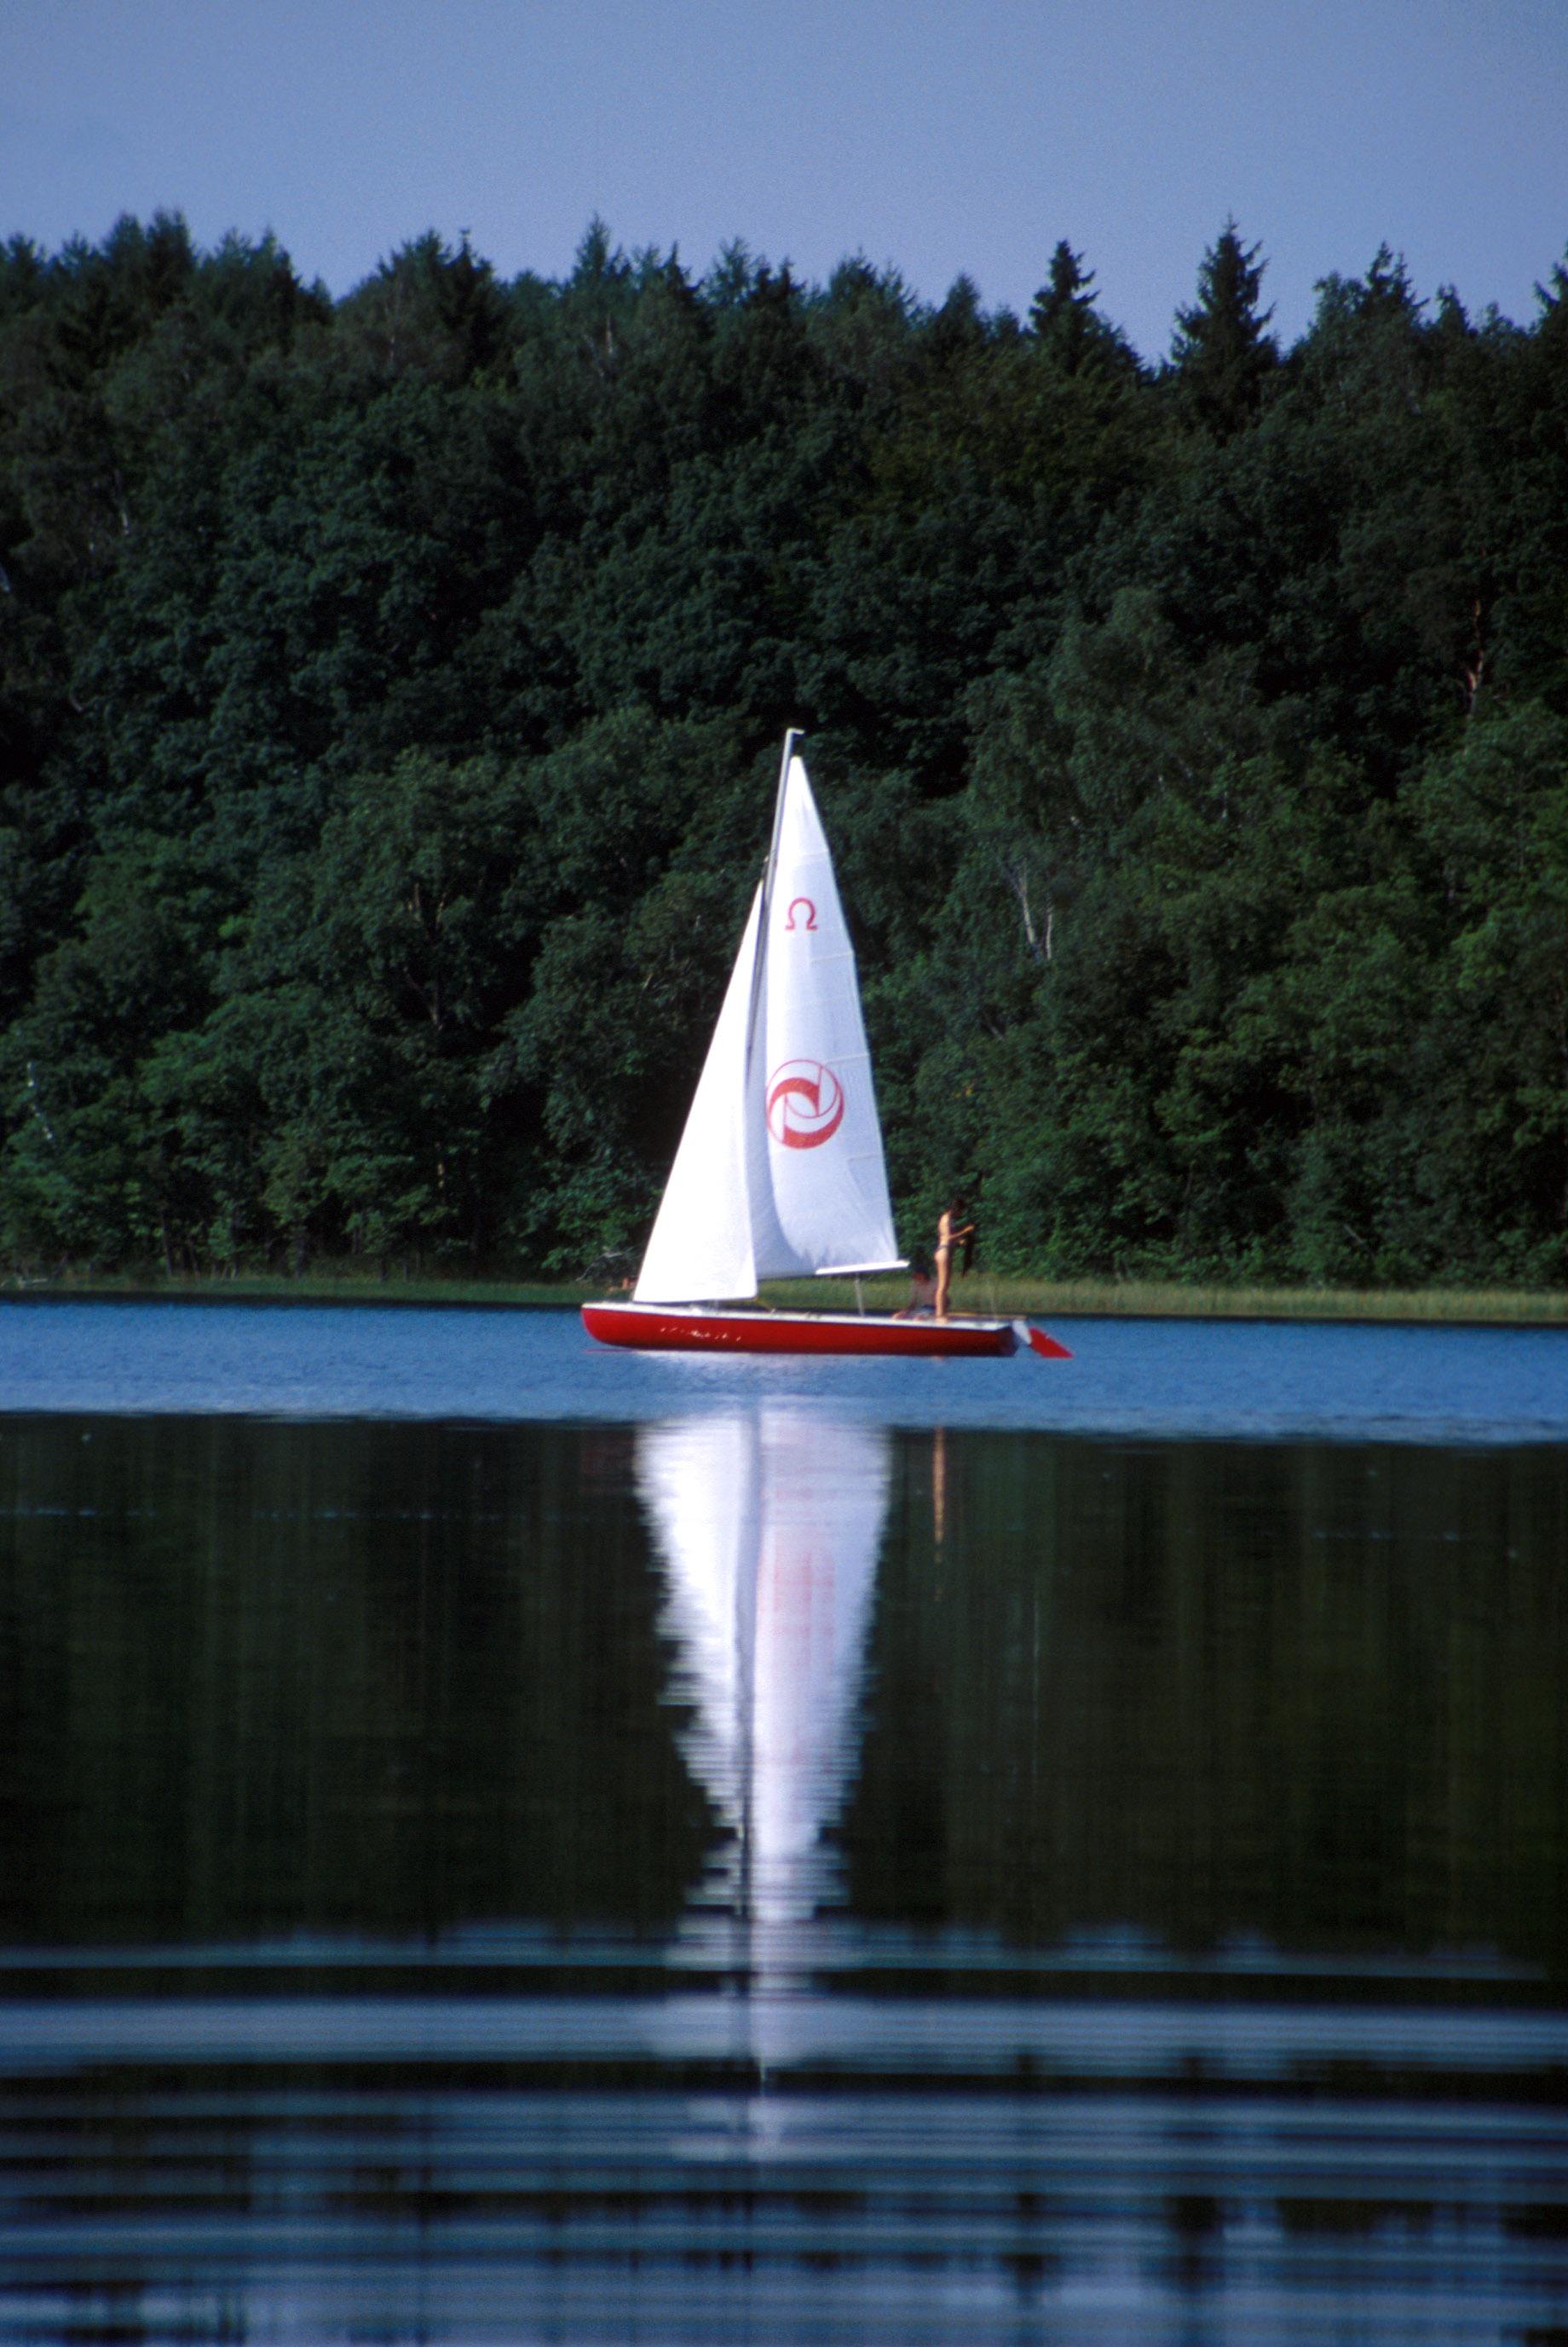 Mazury - żaglówka na jeziorze fot. jacek herok --- Newspix.pl